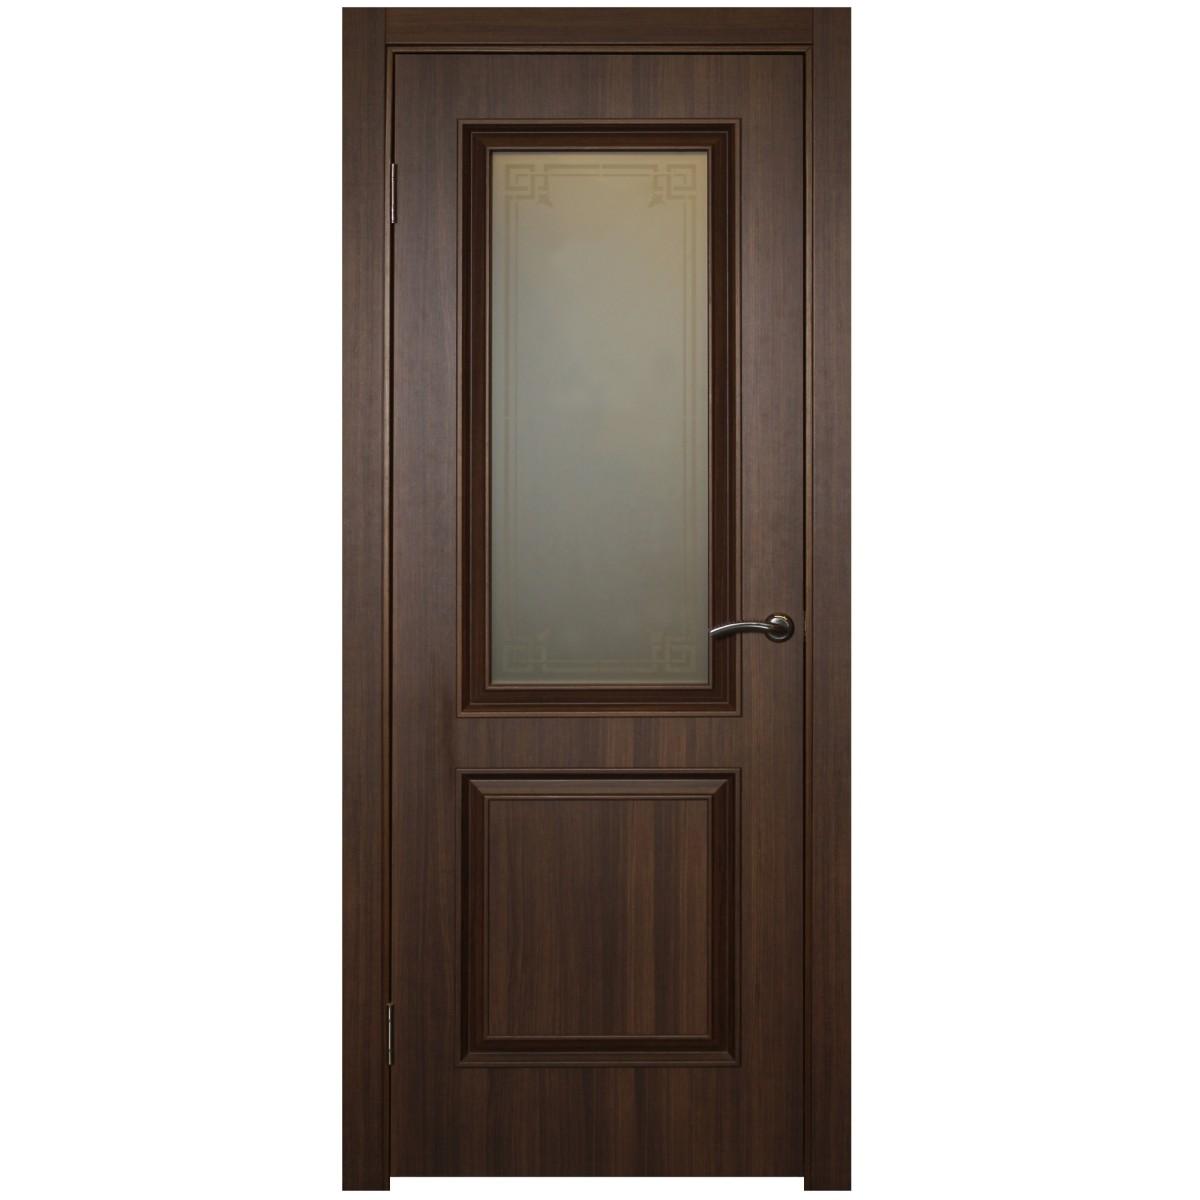 Дверь межкомнатная остеклённая Ventura 70x200 см ПВХ цвет золотой орех